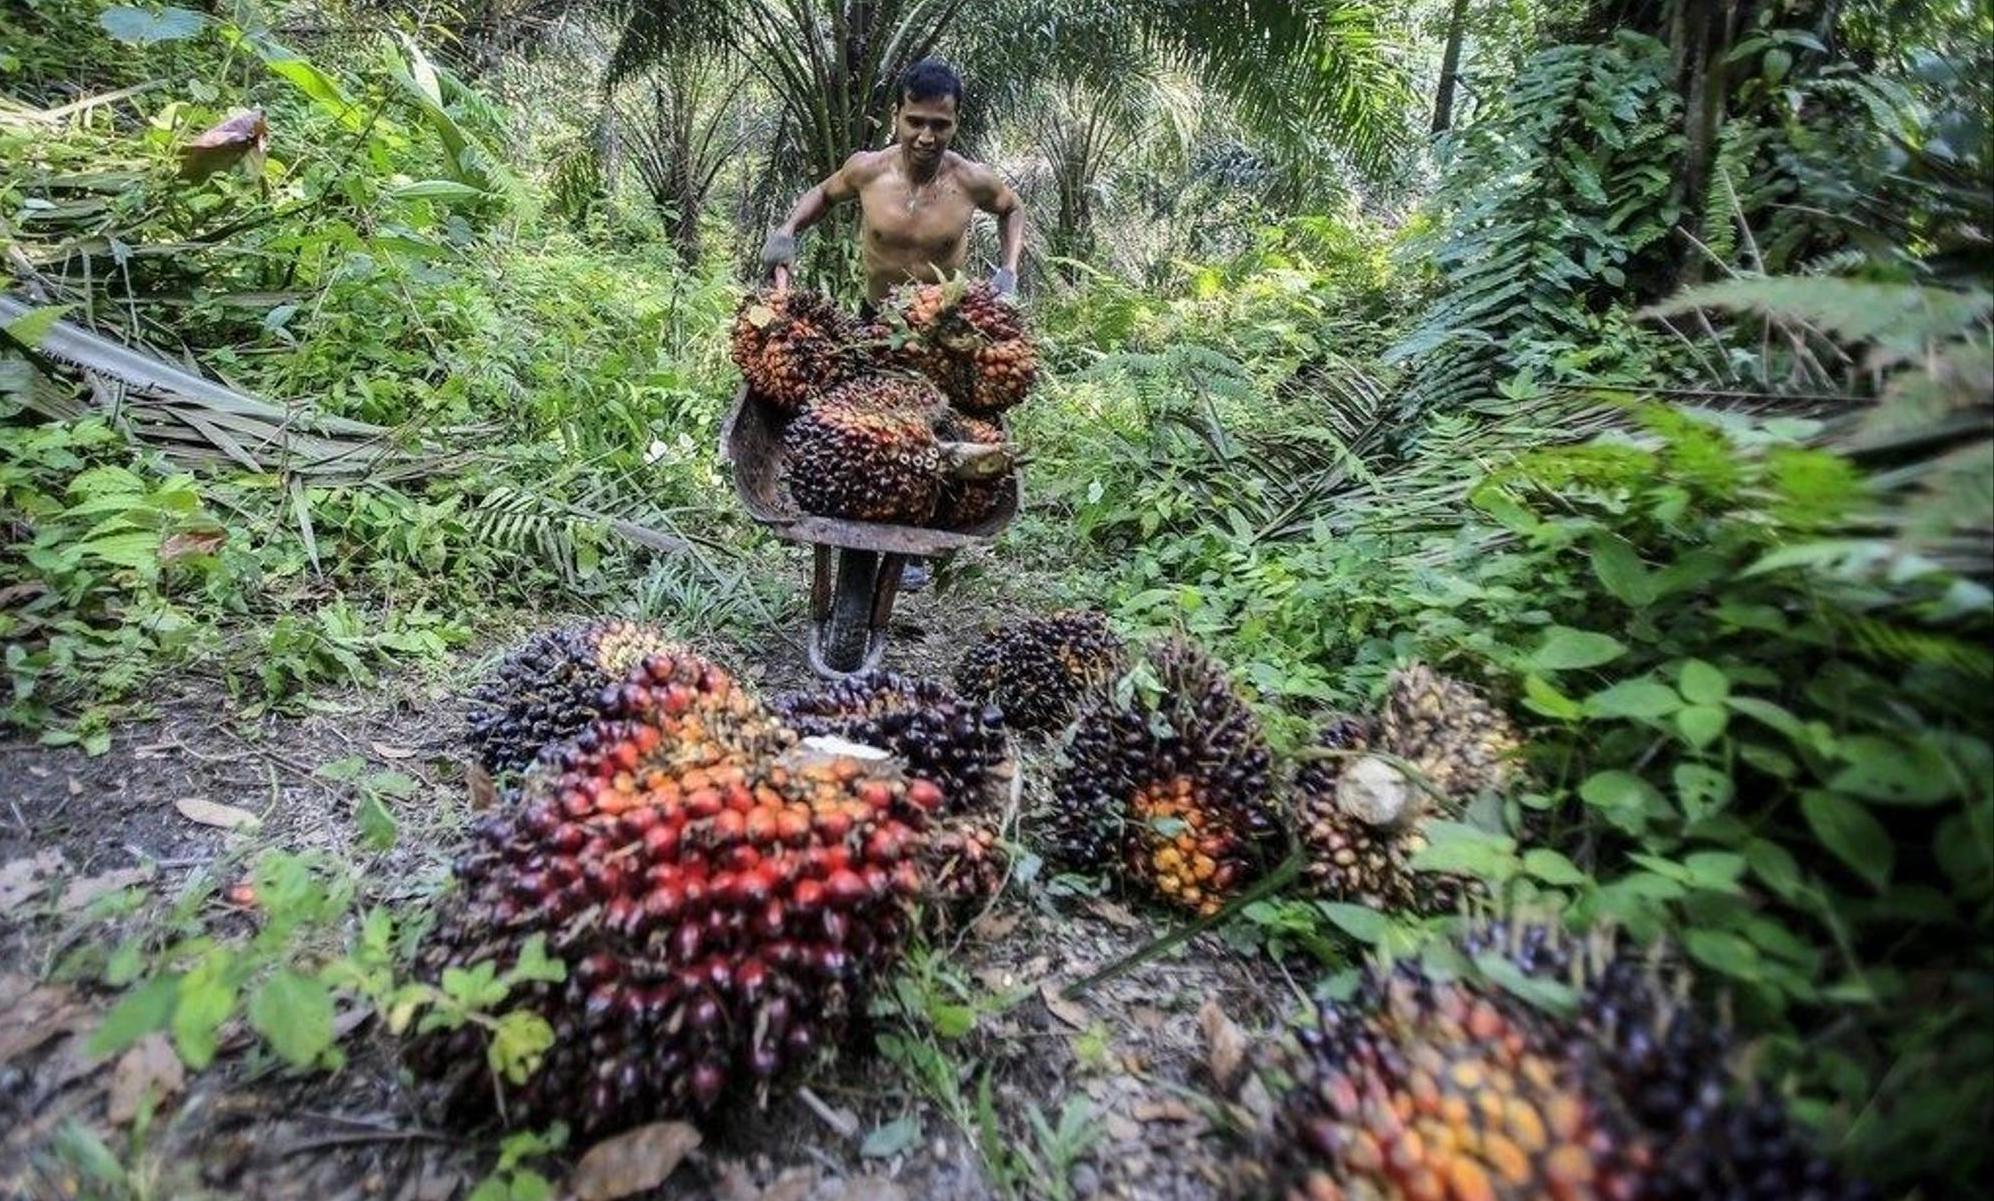 Ob in Nutella, Duschgel oder Kerzen: Als billiger Rohstoff ist Palmöl bei der Industrie begehrt und in zahlreichen Produkten des täglichen Bedarfs enthalten. 85 Prozent des Palmöls werden in Indonesien und Malaysia produziert. epa/Dedi Sinuhaji